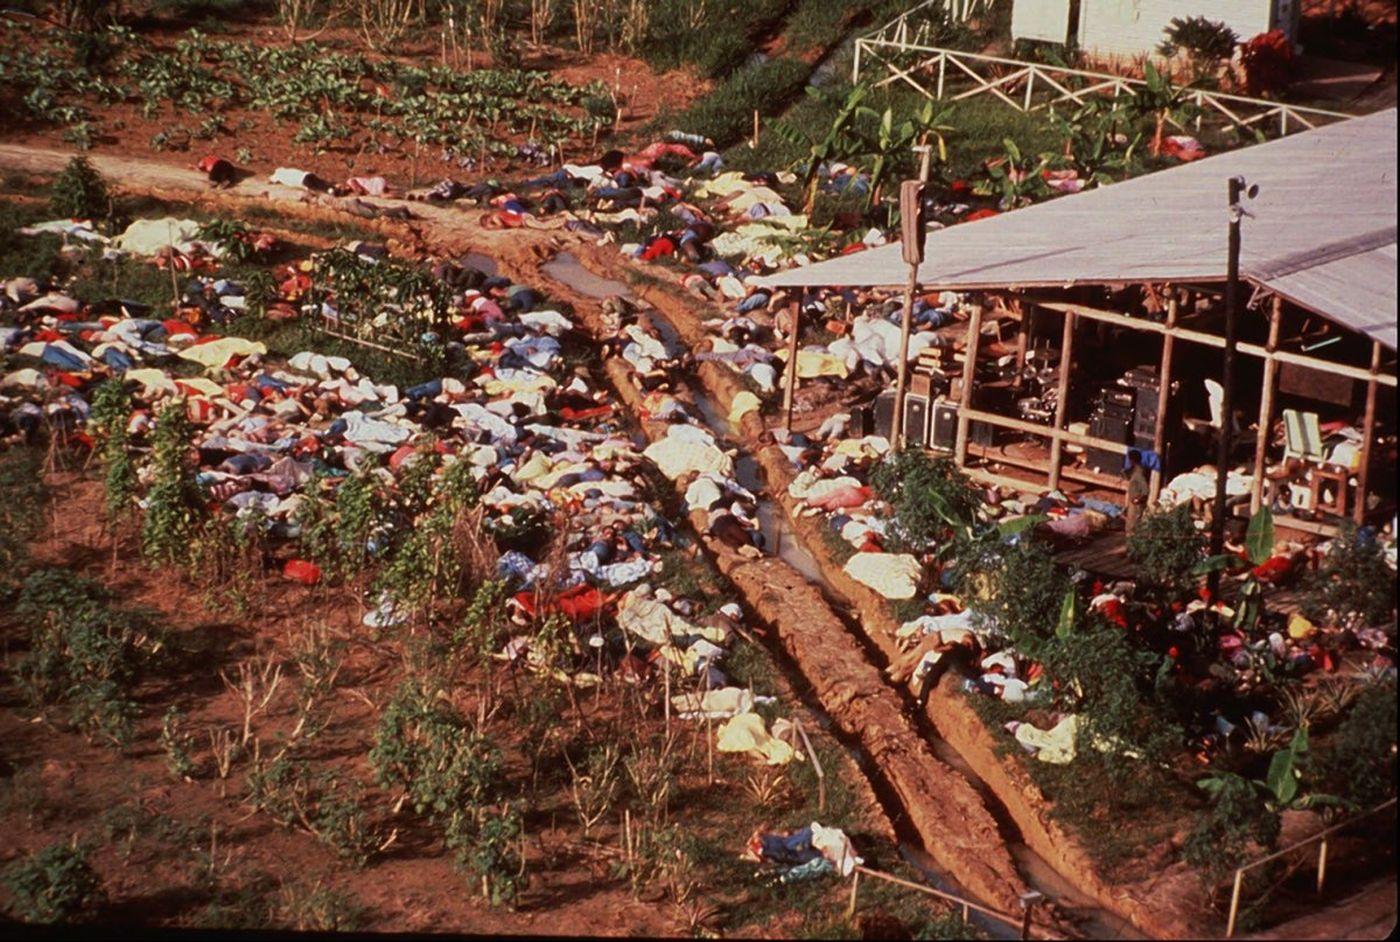 ضحايا جونز تاون تناولوا السم للتخلص من حياتهم